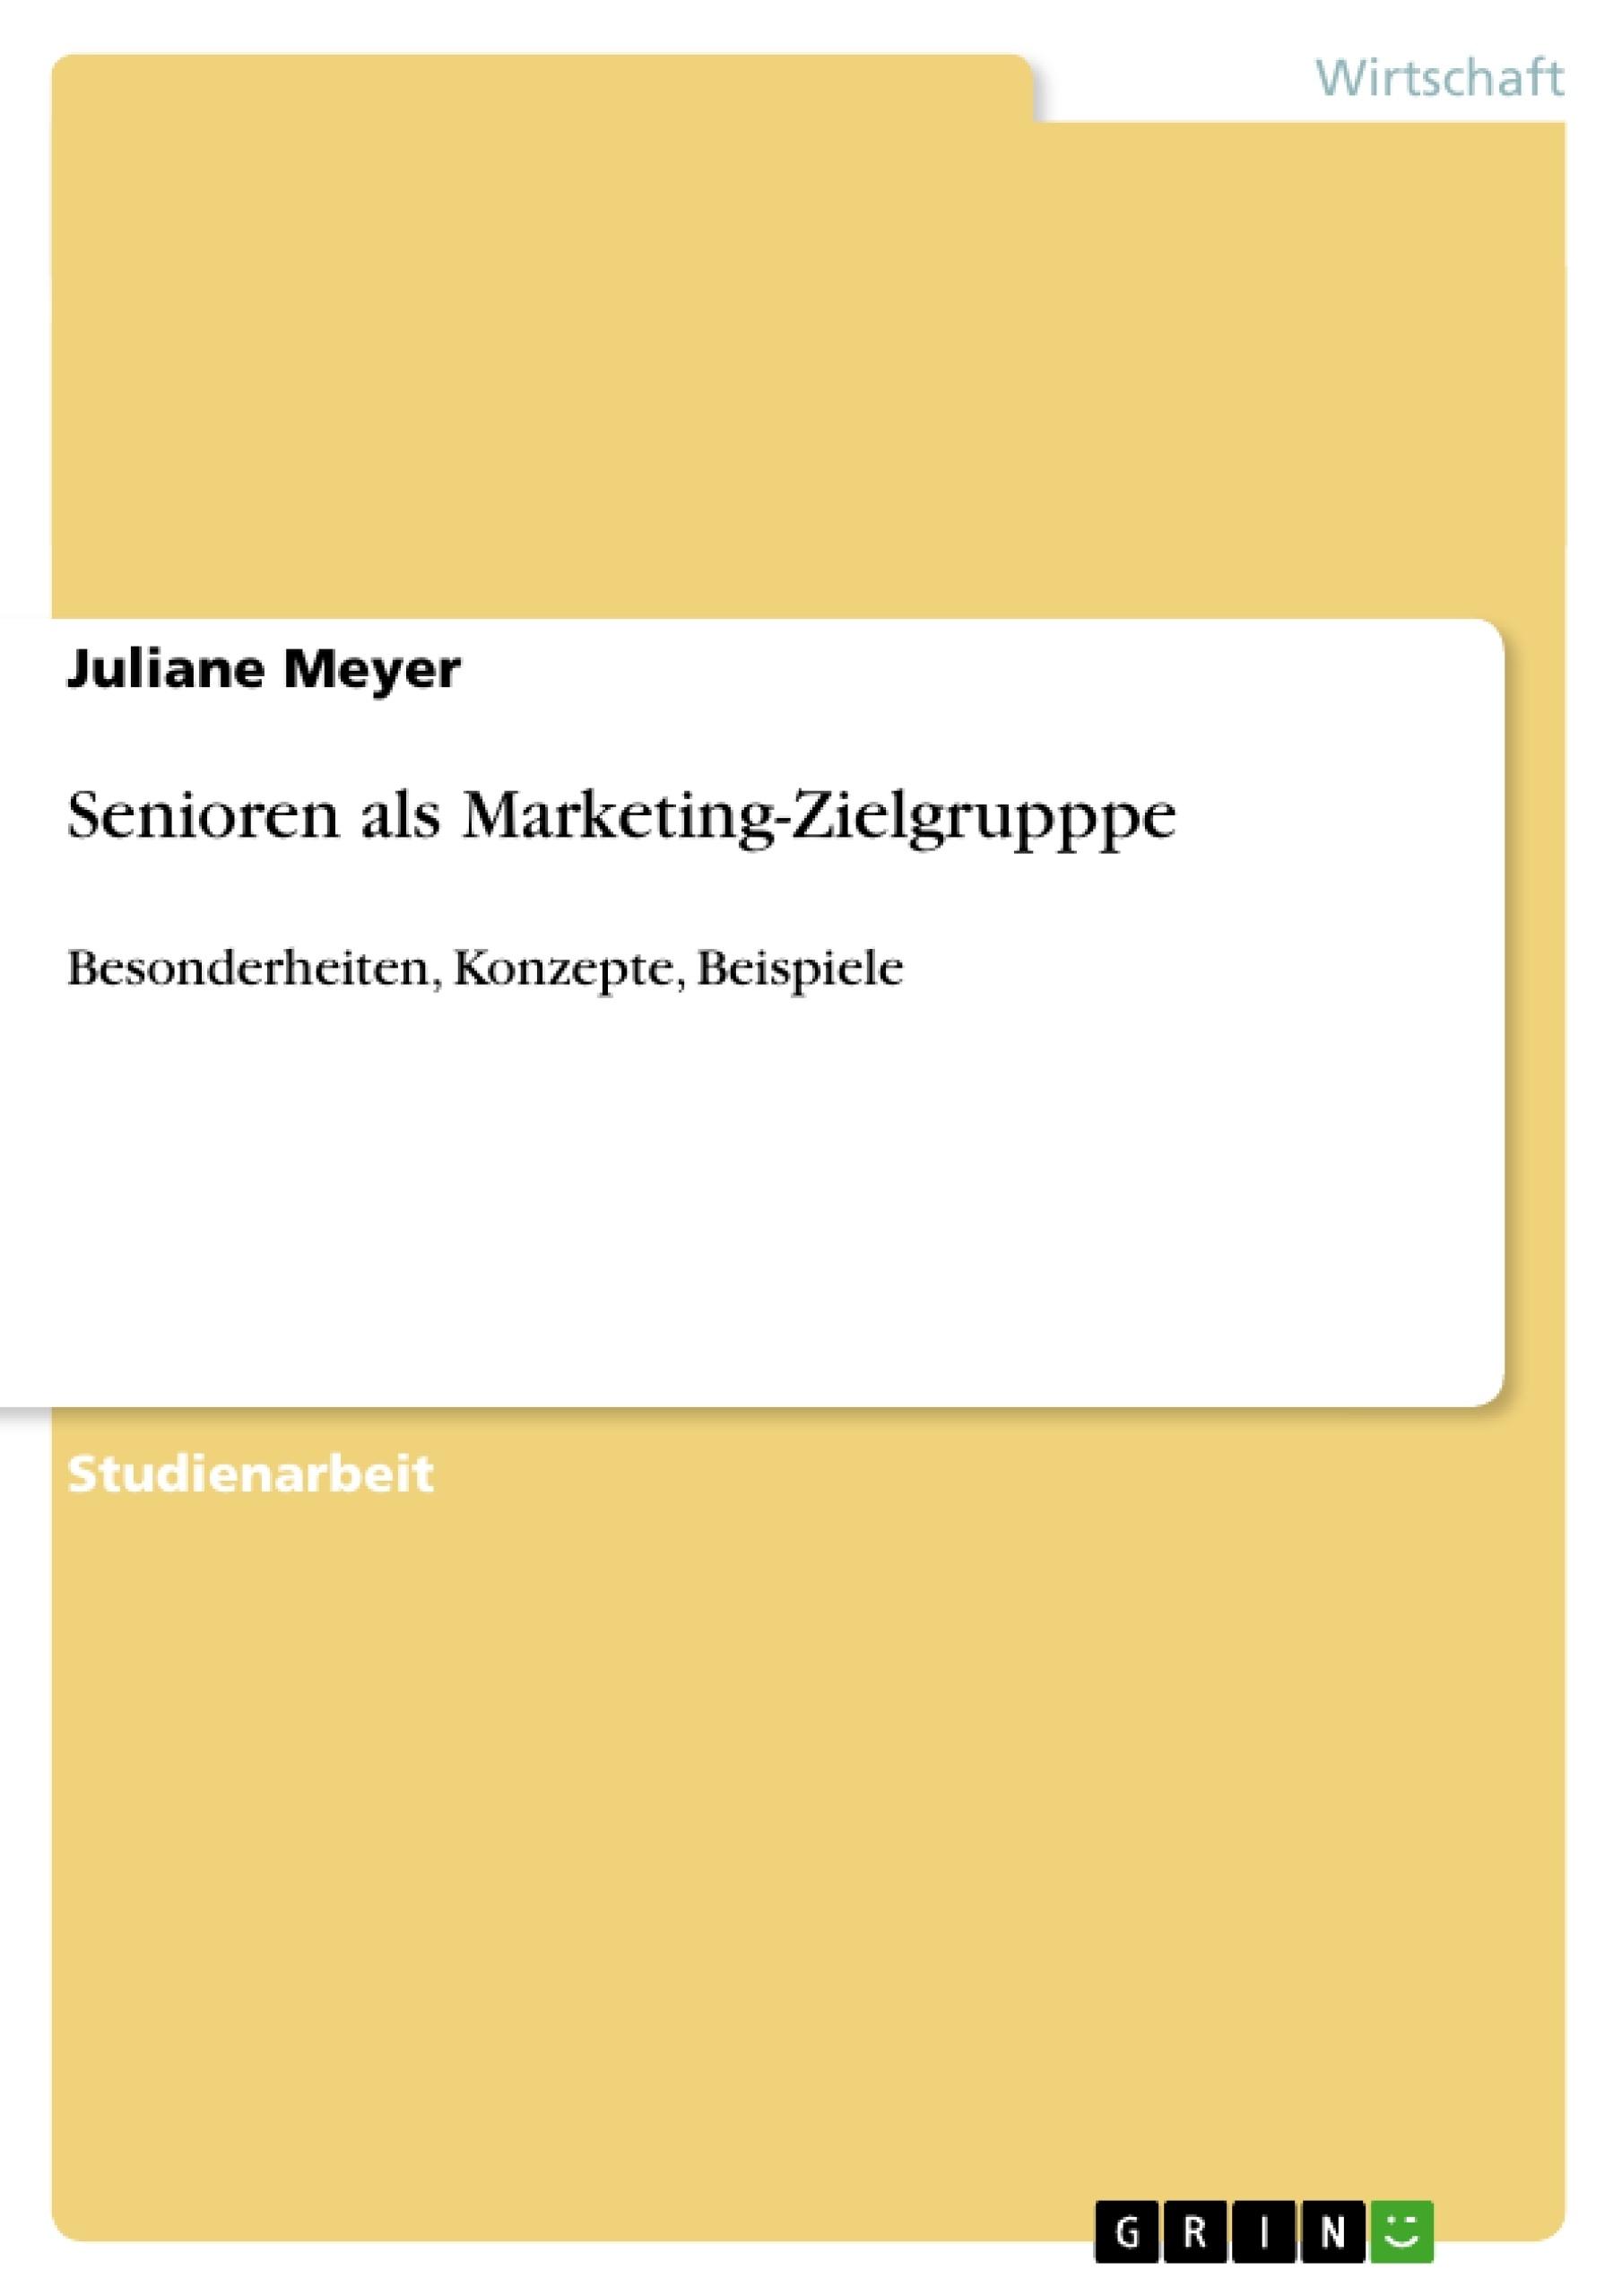 Titel: Senioren als Marketing-Zielgrupppe